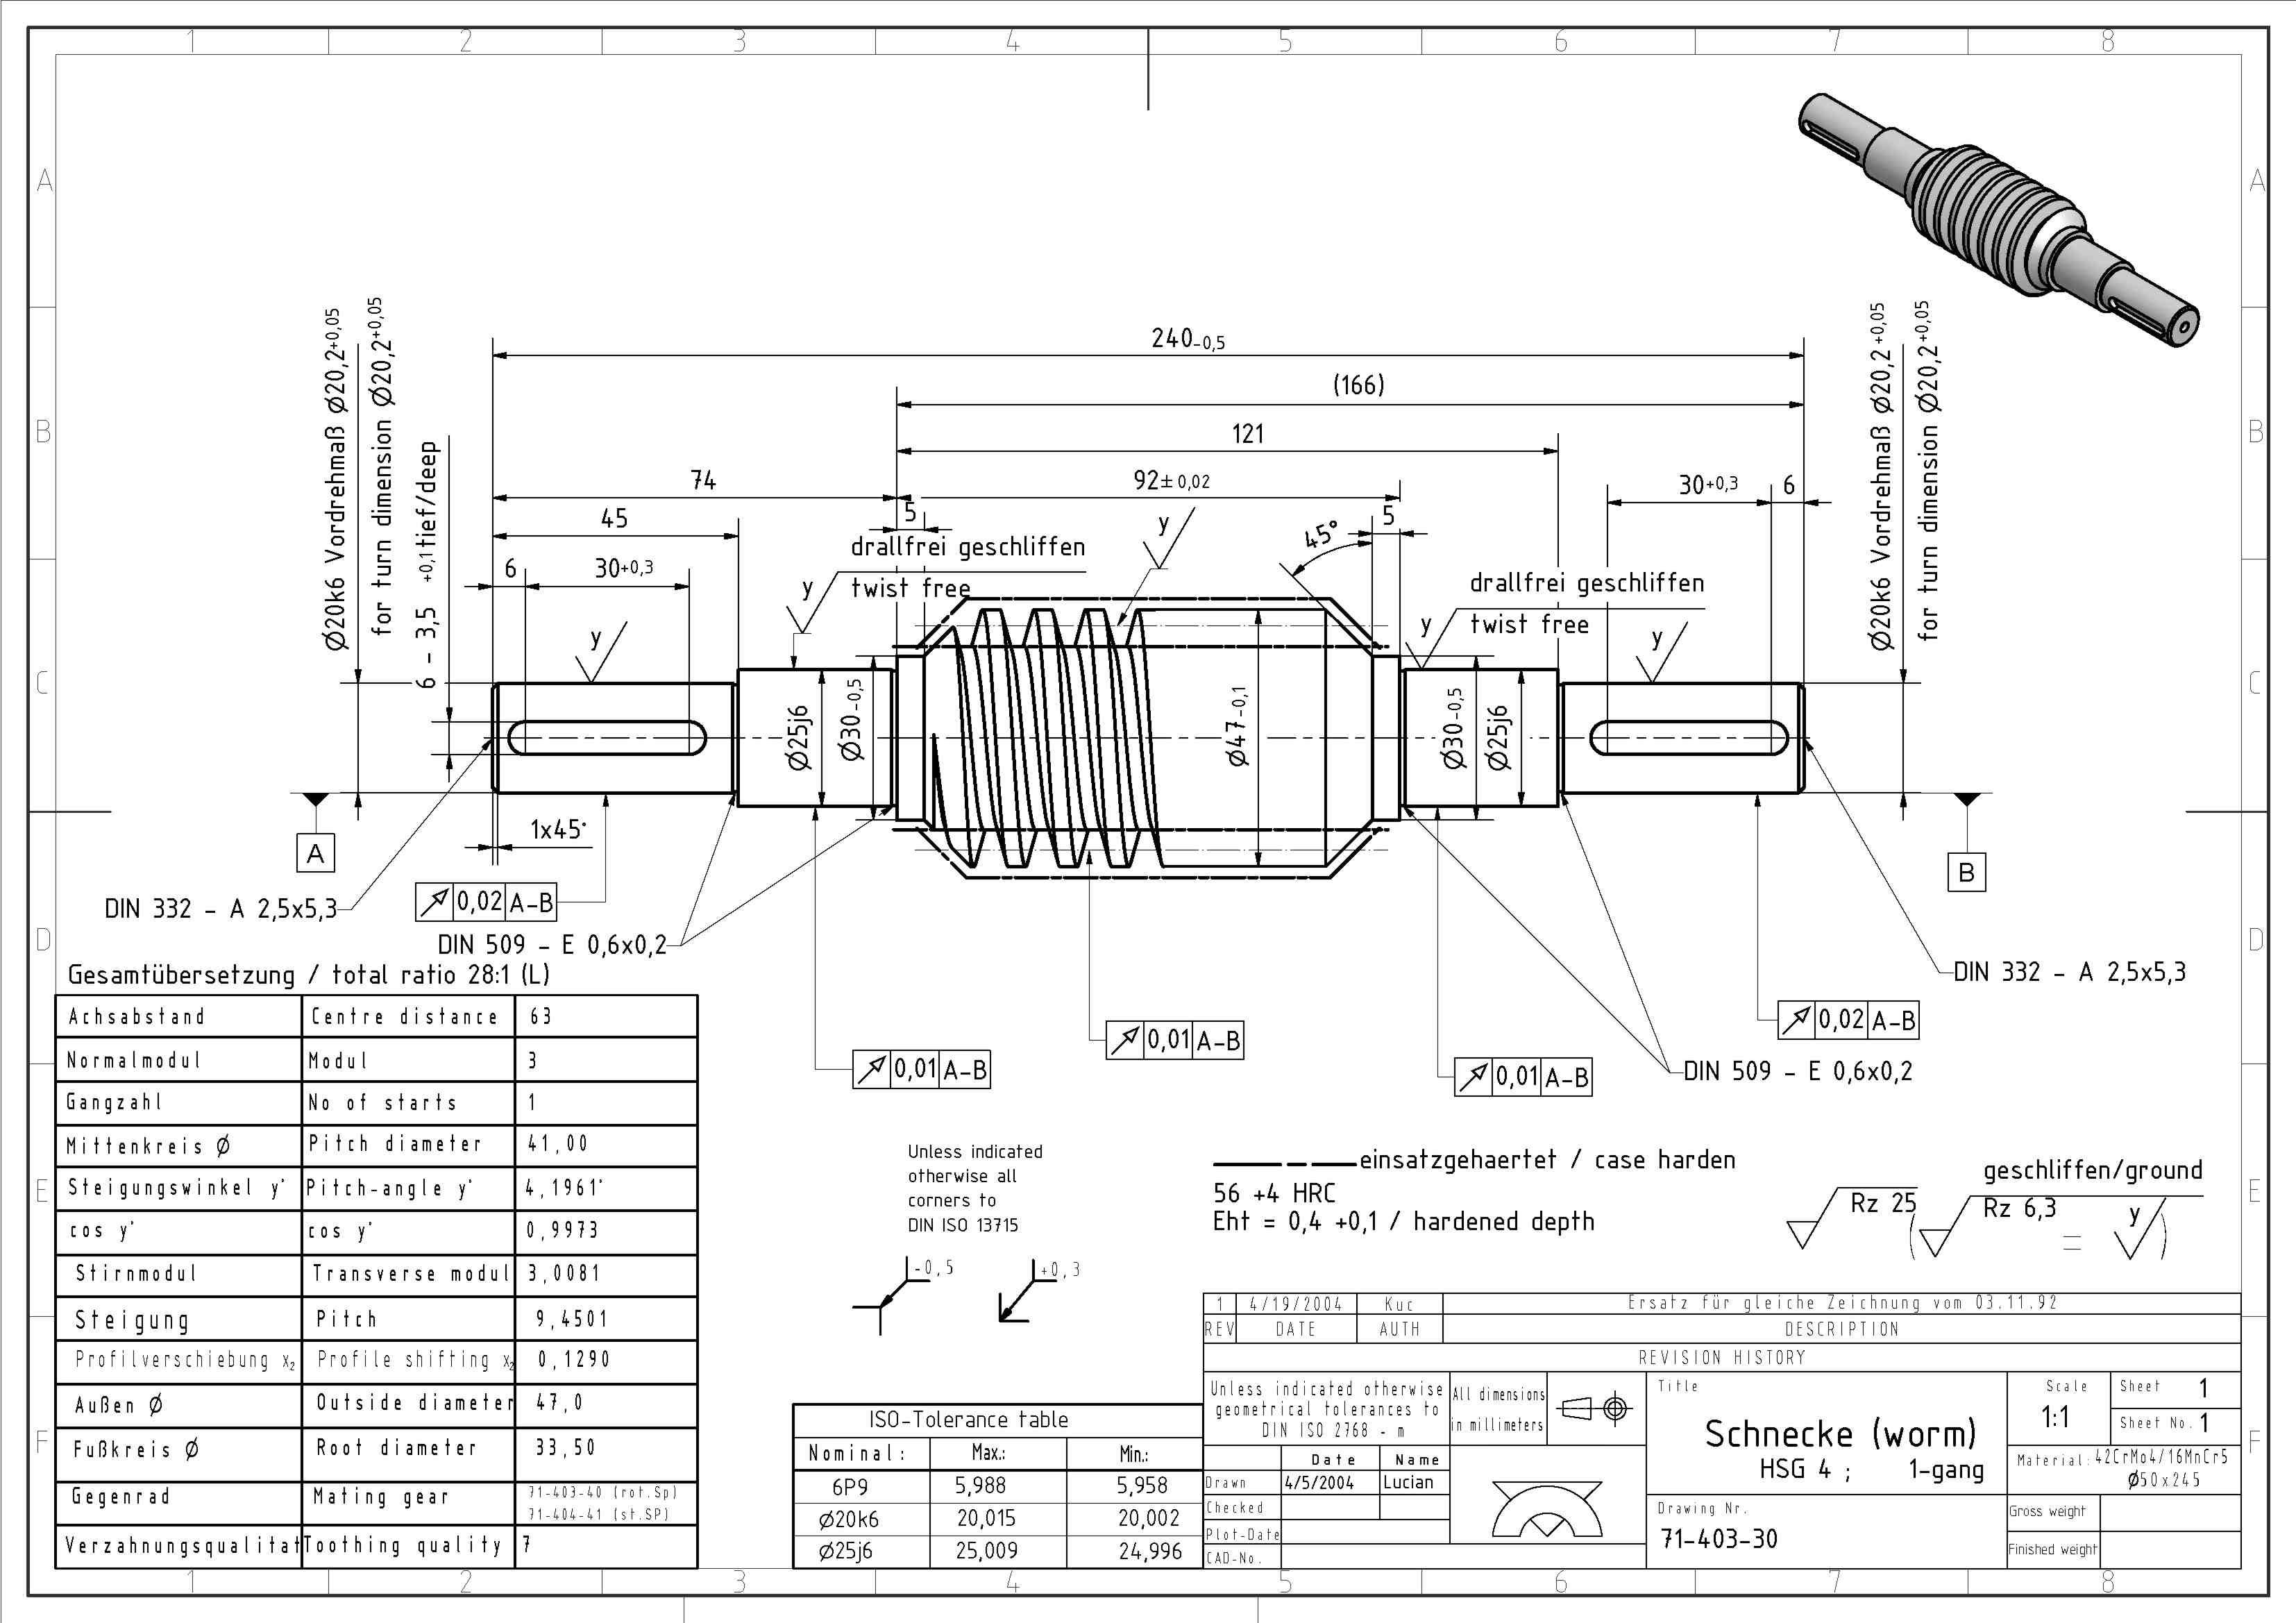 Dessin mecanique recherche google k pinterest drawings 3d dessin mecanique recherche google malvernweather Choice Image